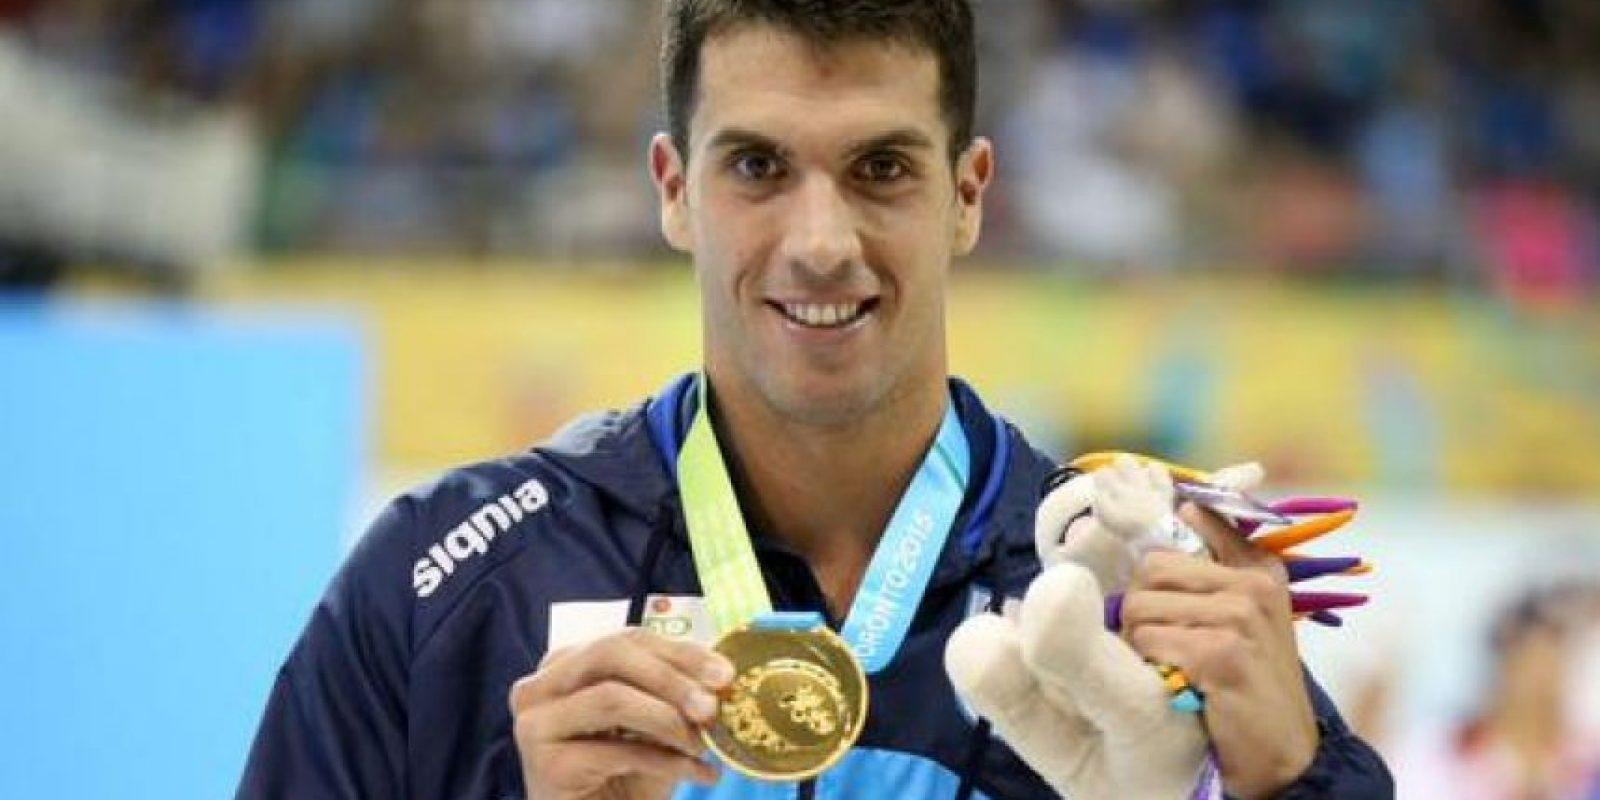 Oro en la competencia individual de tenis. Foto:Vía twitter.com/todoporeltenis